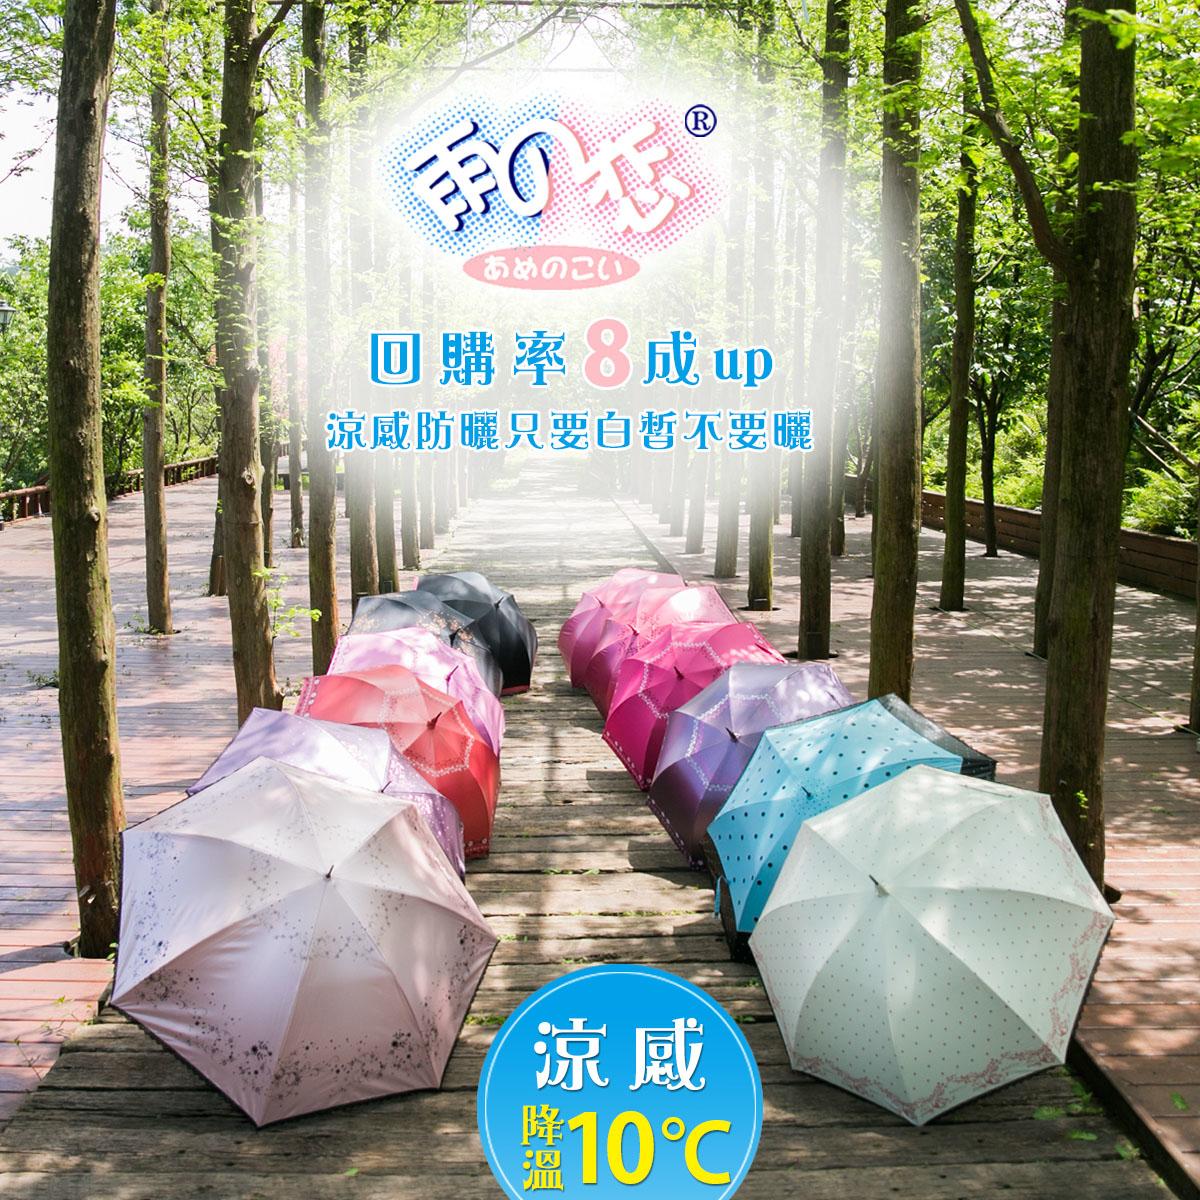 降溫傘,遮陽傘,涼感傘,陽傘,自動傘,10度傘,降溫8度傘,涼感8度,美肌傘,凍齡傘